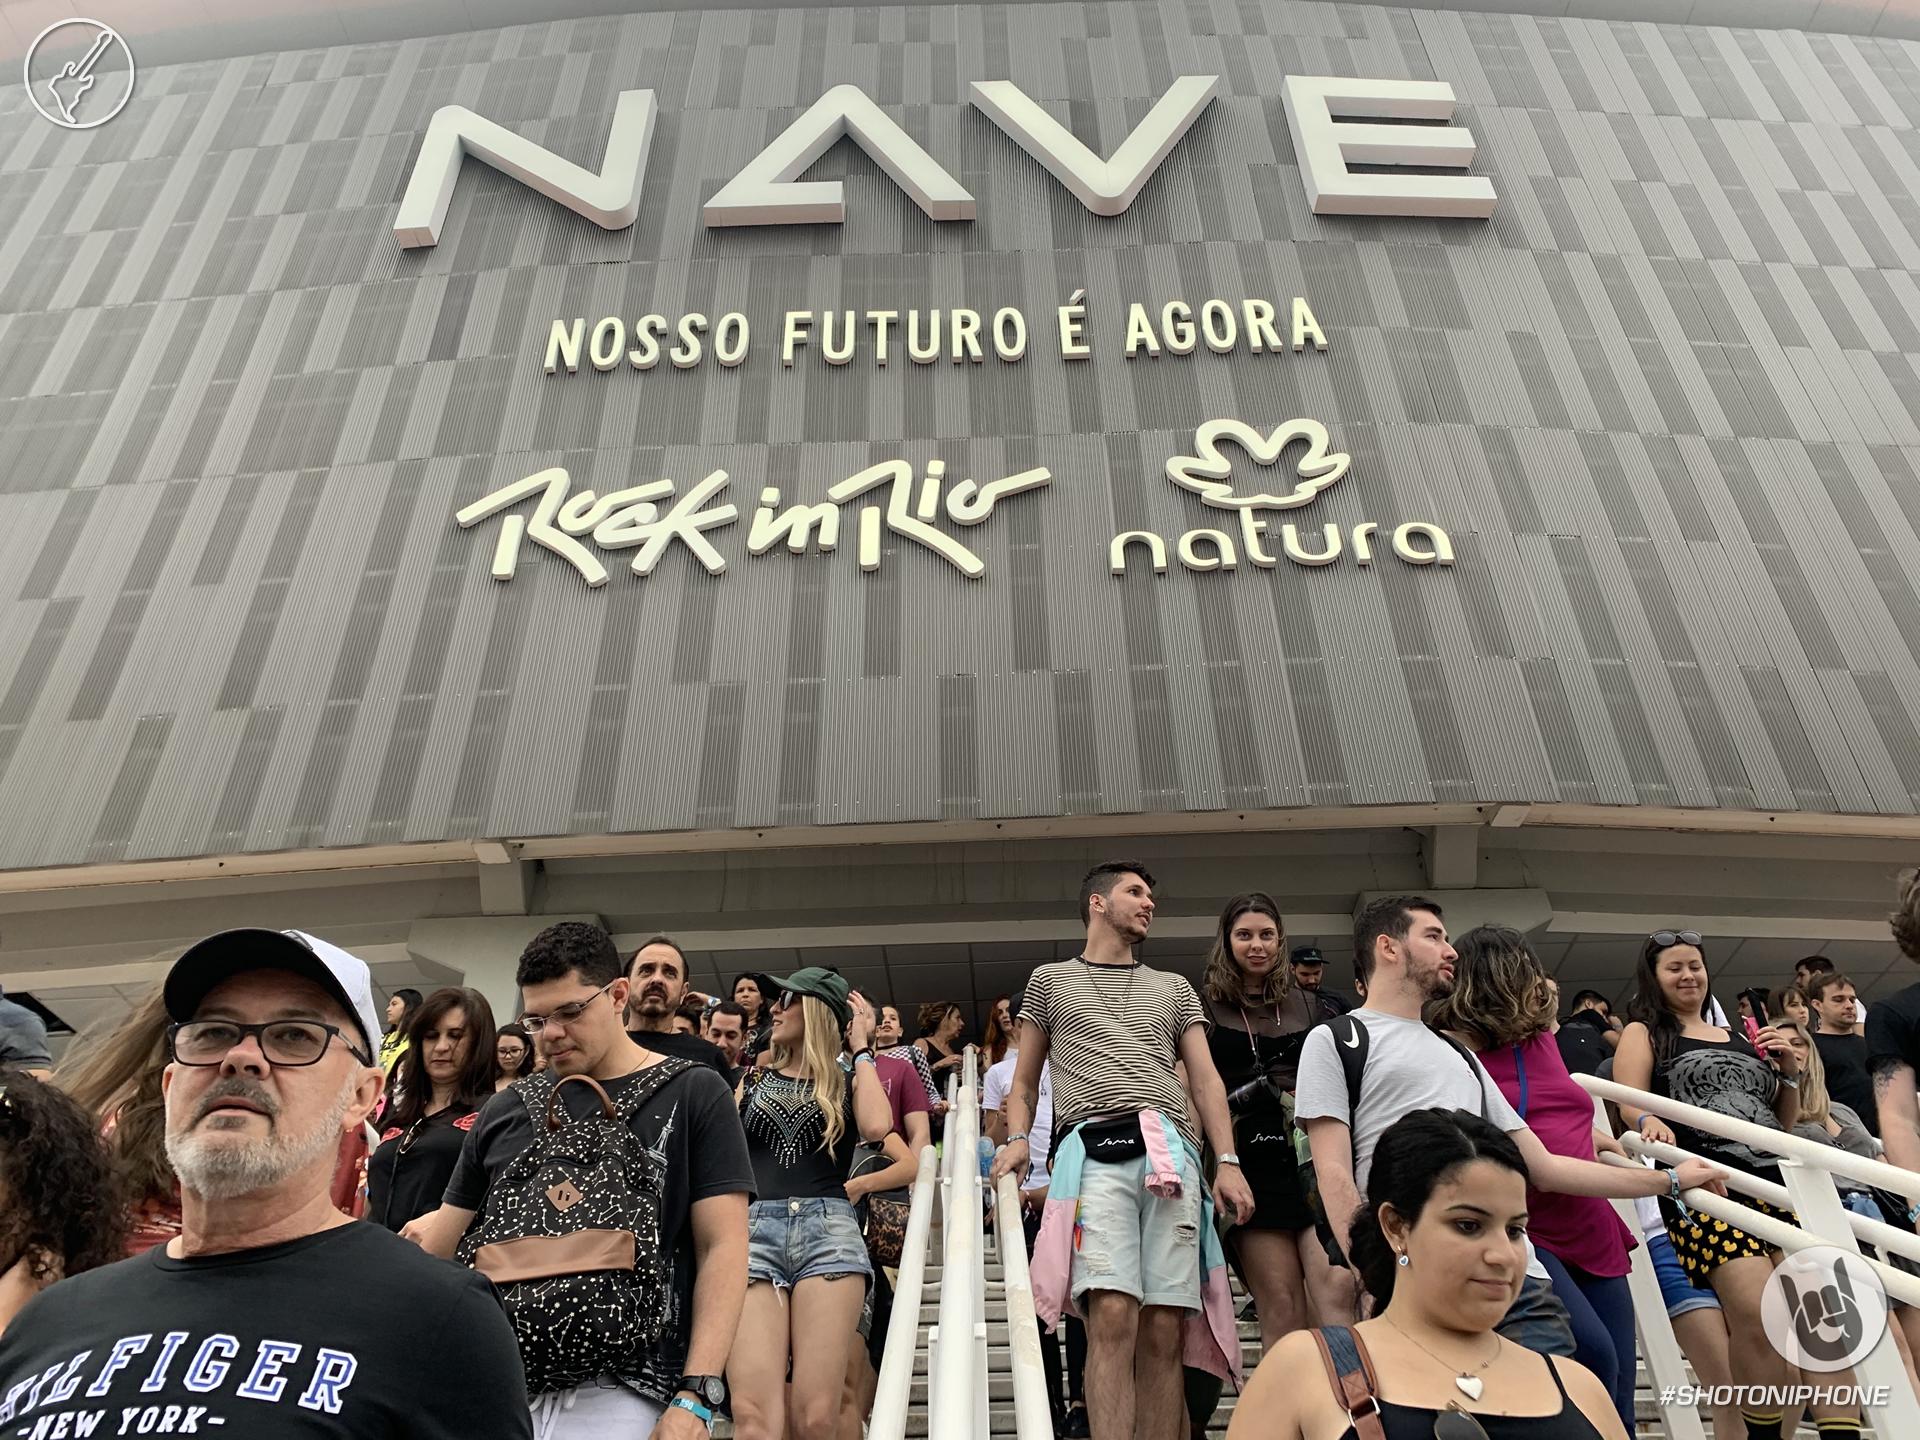 Experiencia NAVE Rock in Rio 2019